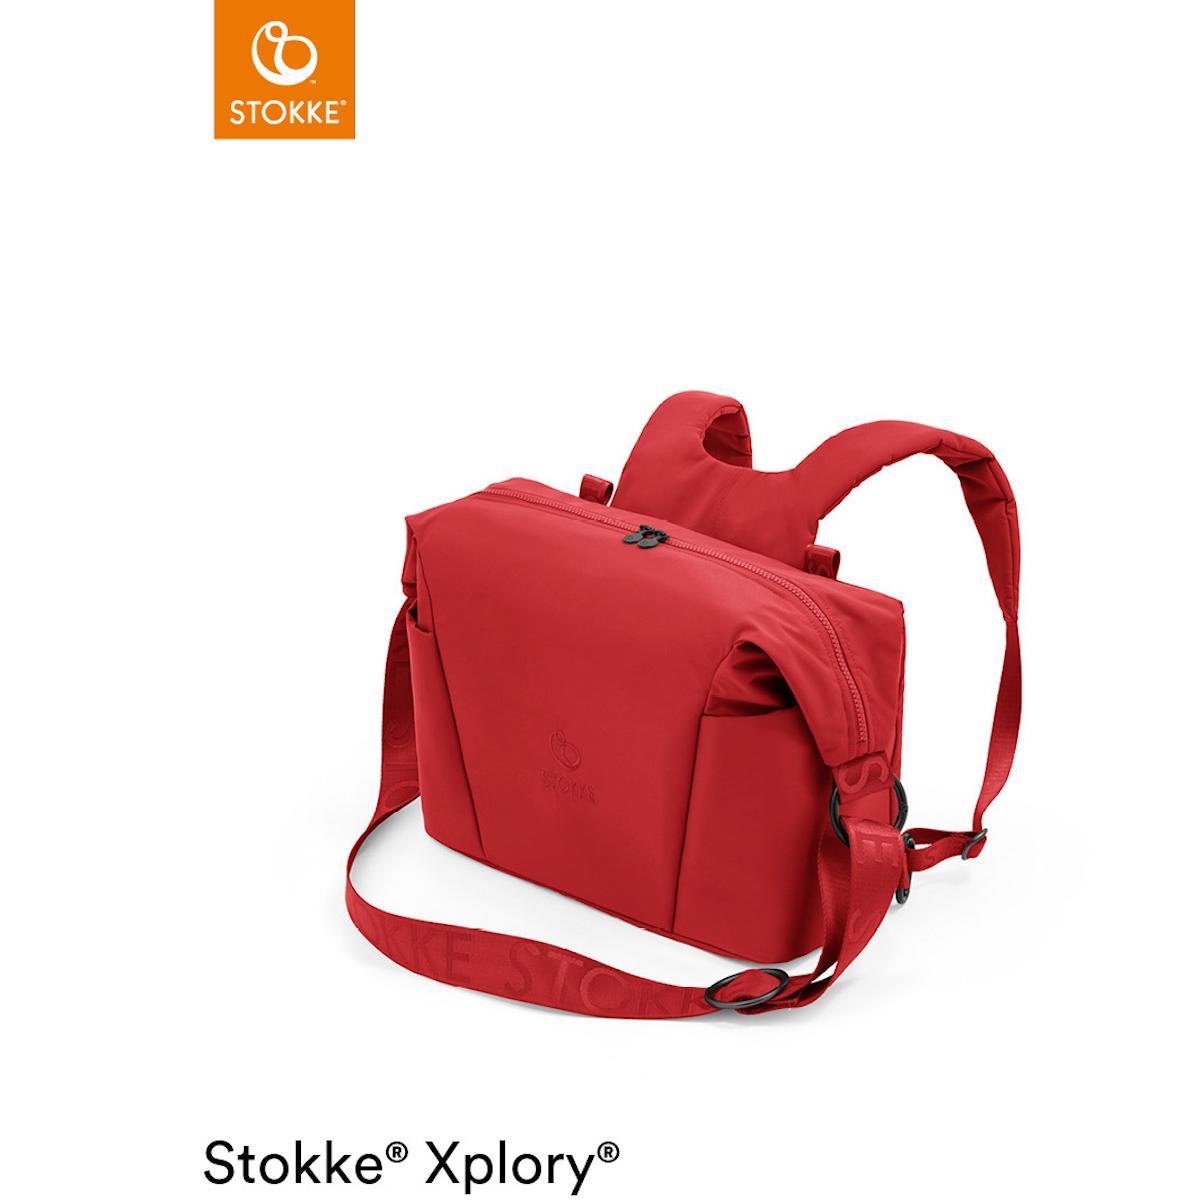 Wickeltasche XPLORY X Stokke Ruby Red